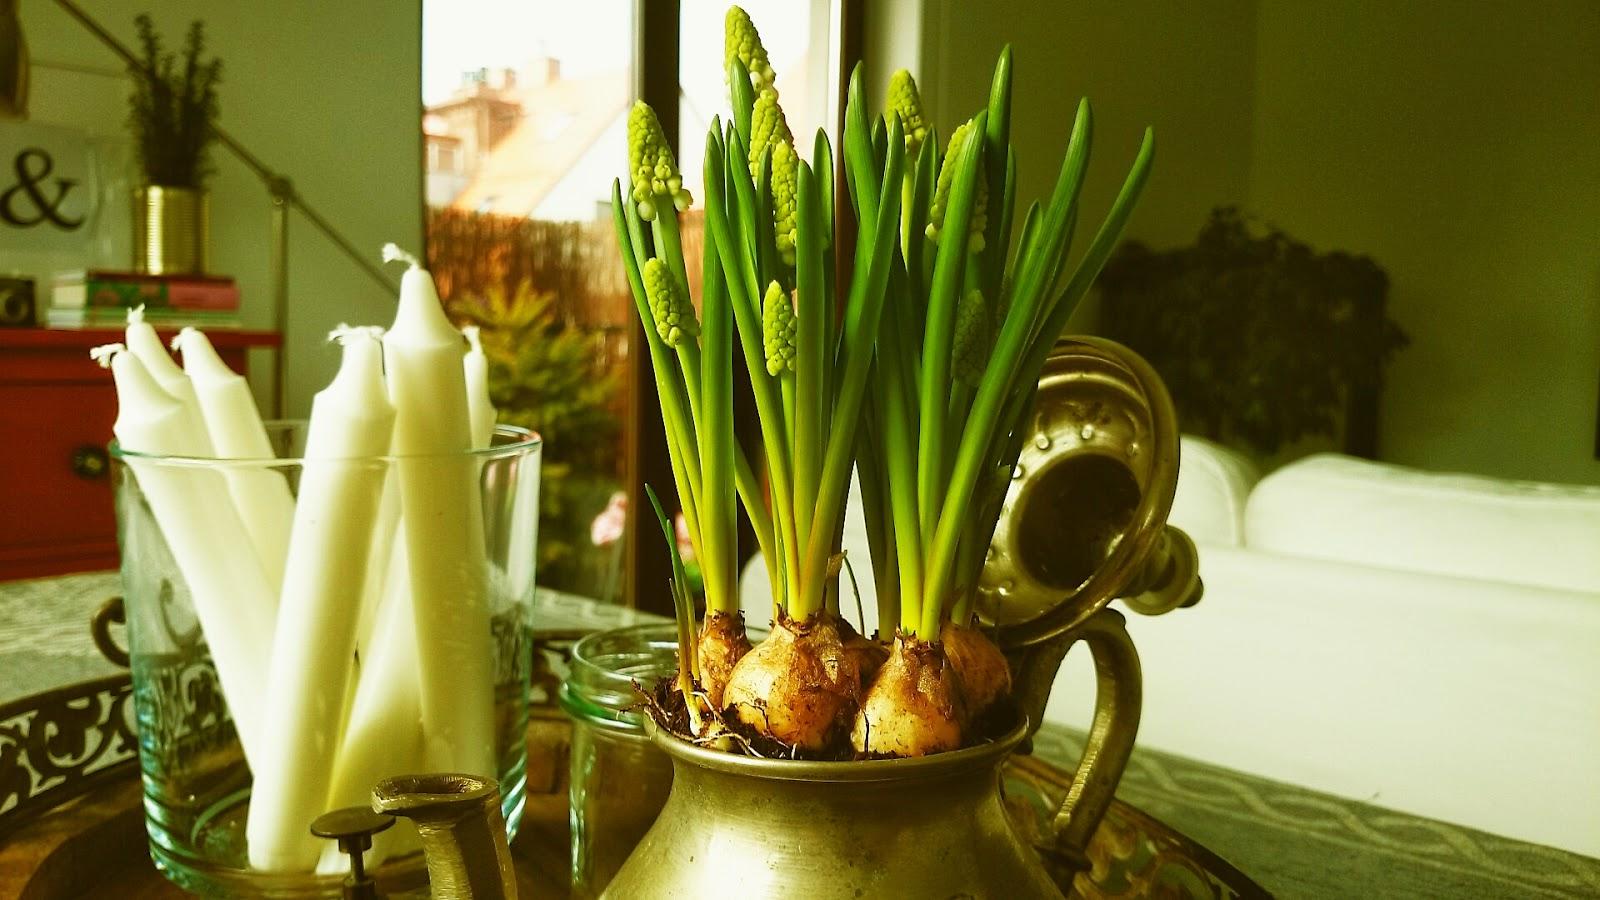 Szafirki w antycznym dzbanuszku, antyczny dzbanuszek jako osłonka na kwiaty, świece w szklanym naczyniu